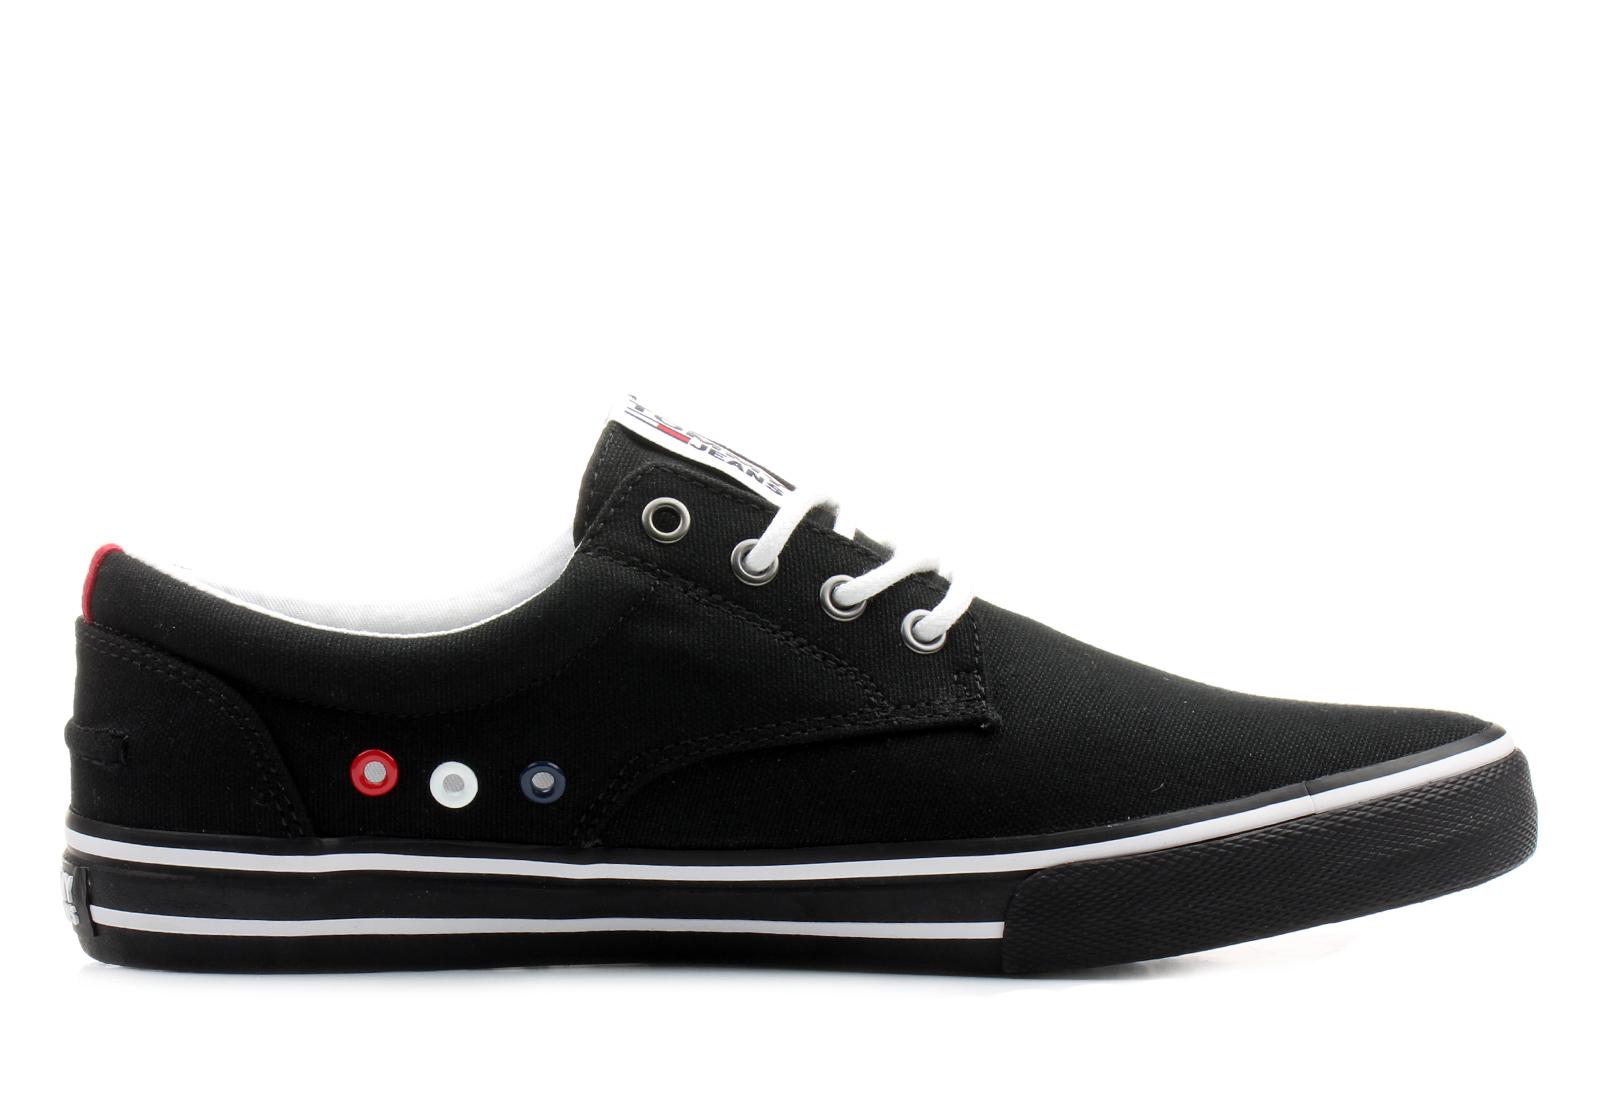 9dd6ab477e Tommy Hilfiger Cipő - Vic 1d2 - 18S-0001-990 - Office Shoes Magyarország